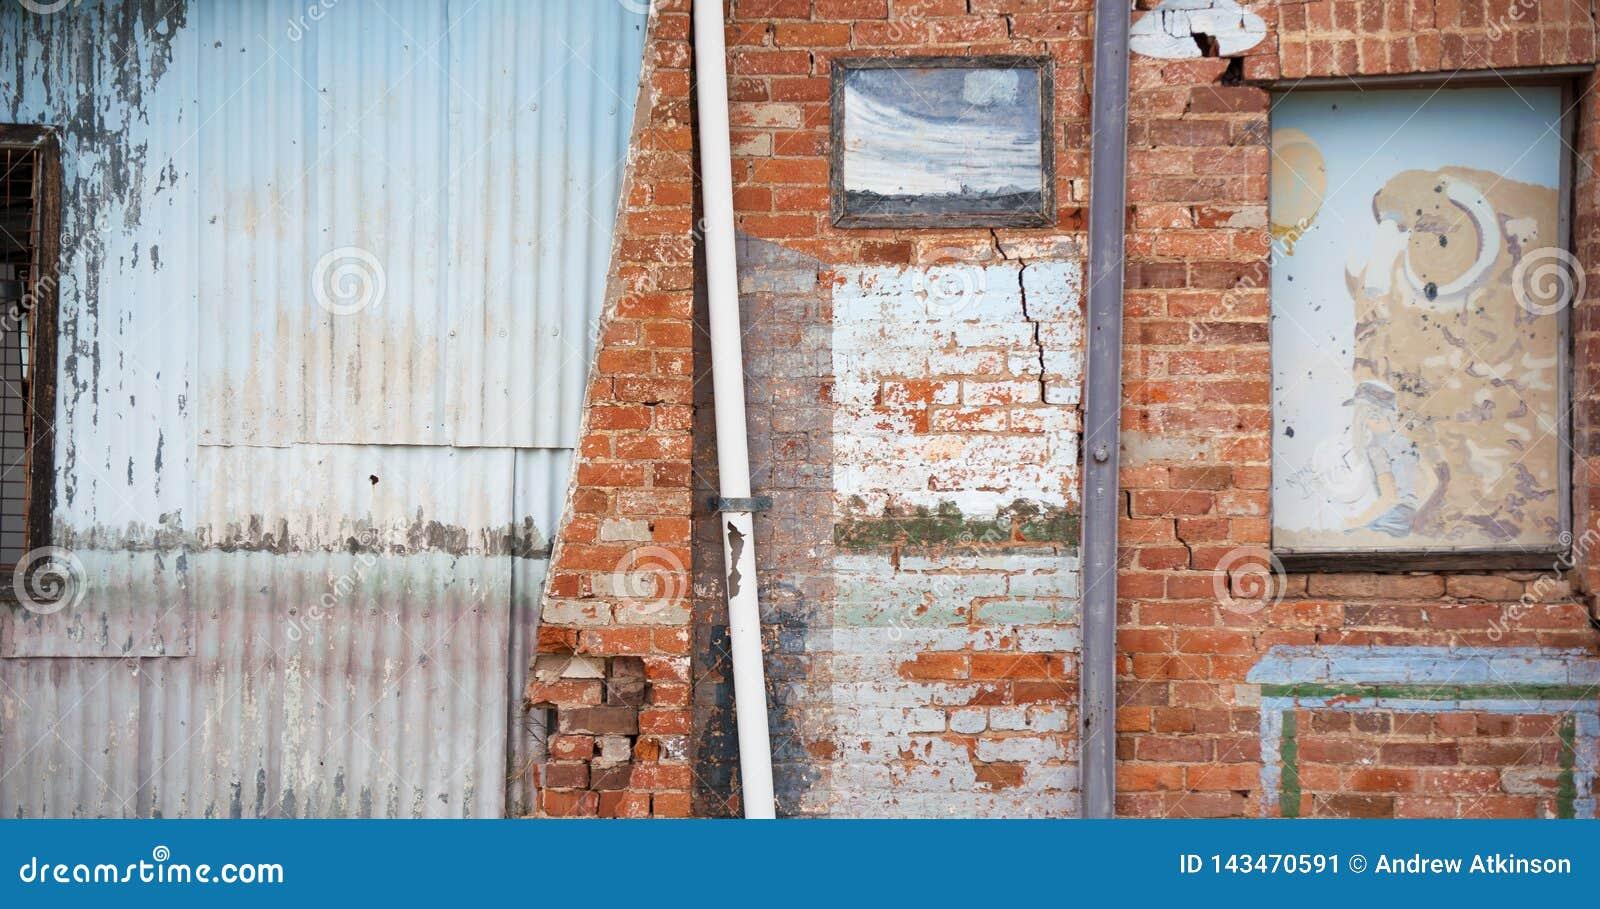 Vieille course en bas du mur fait de briques et fer ondulé